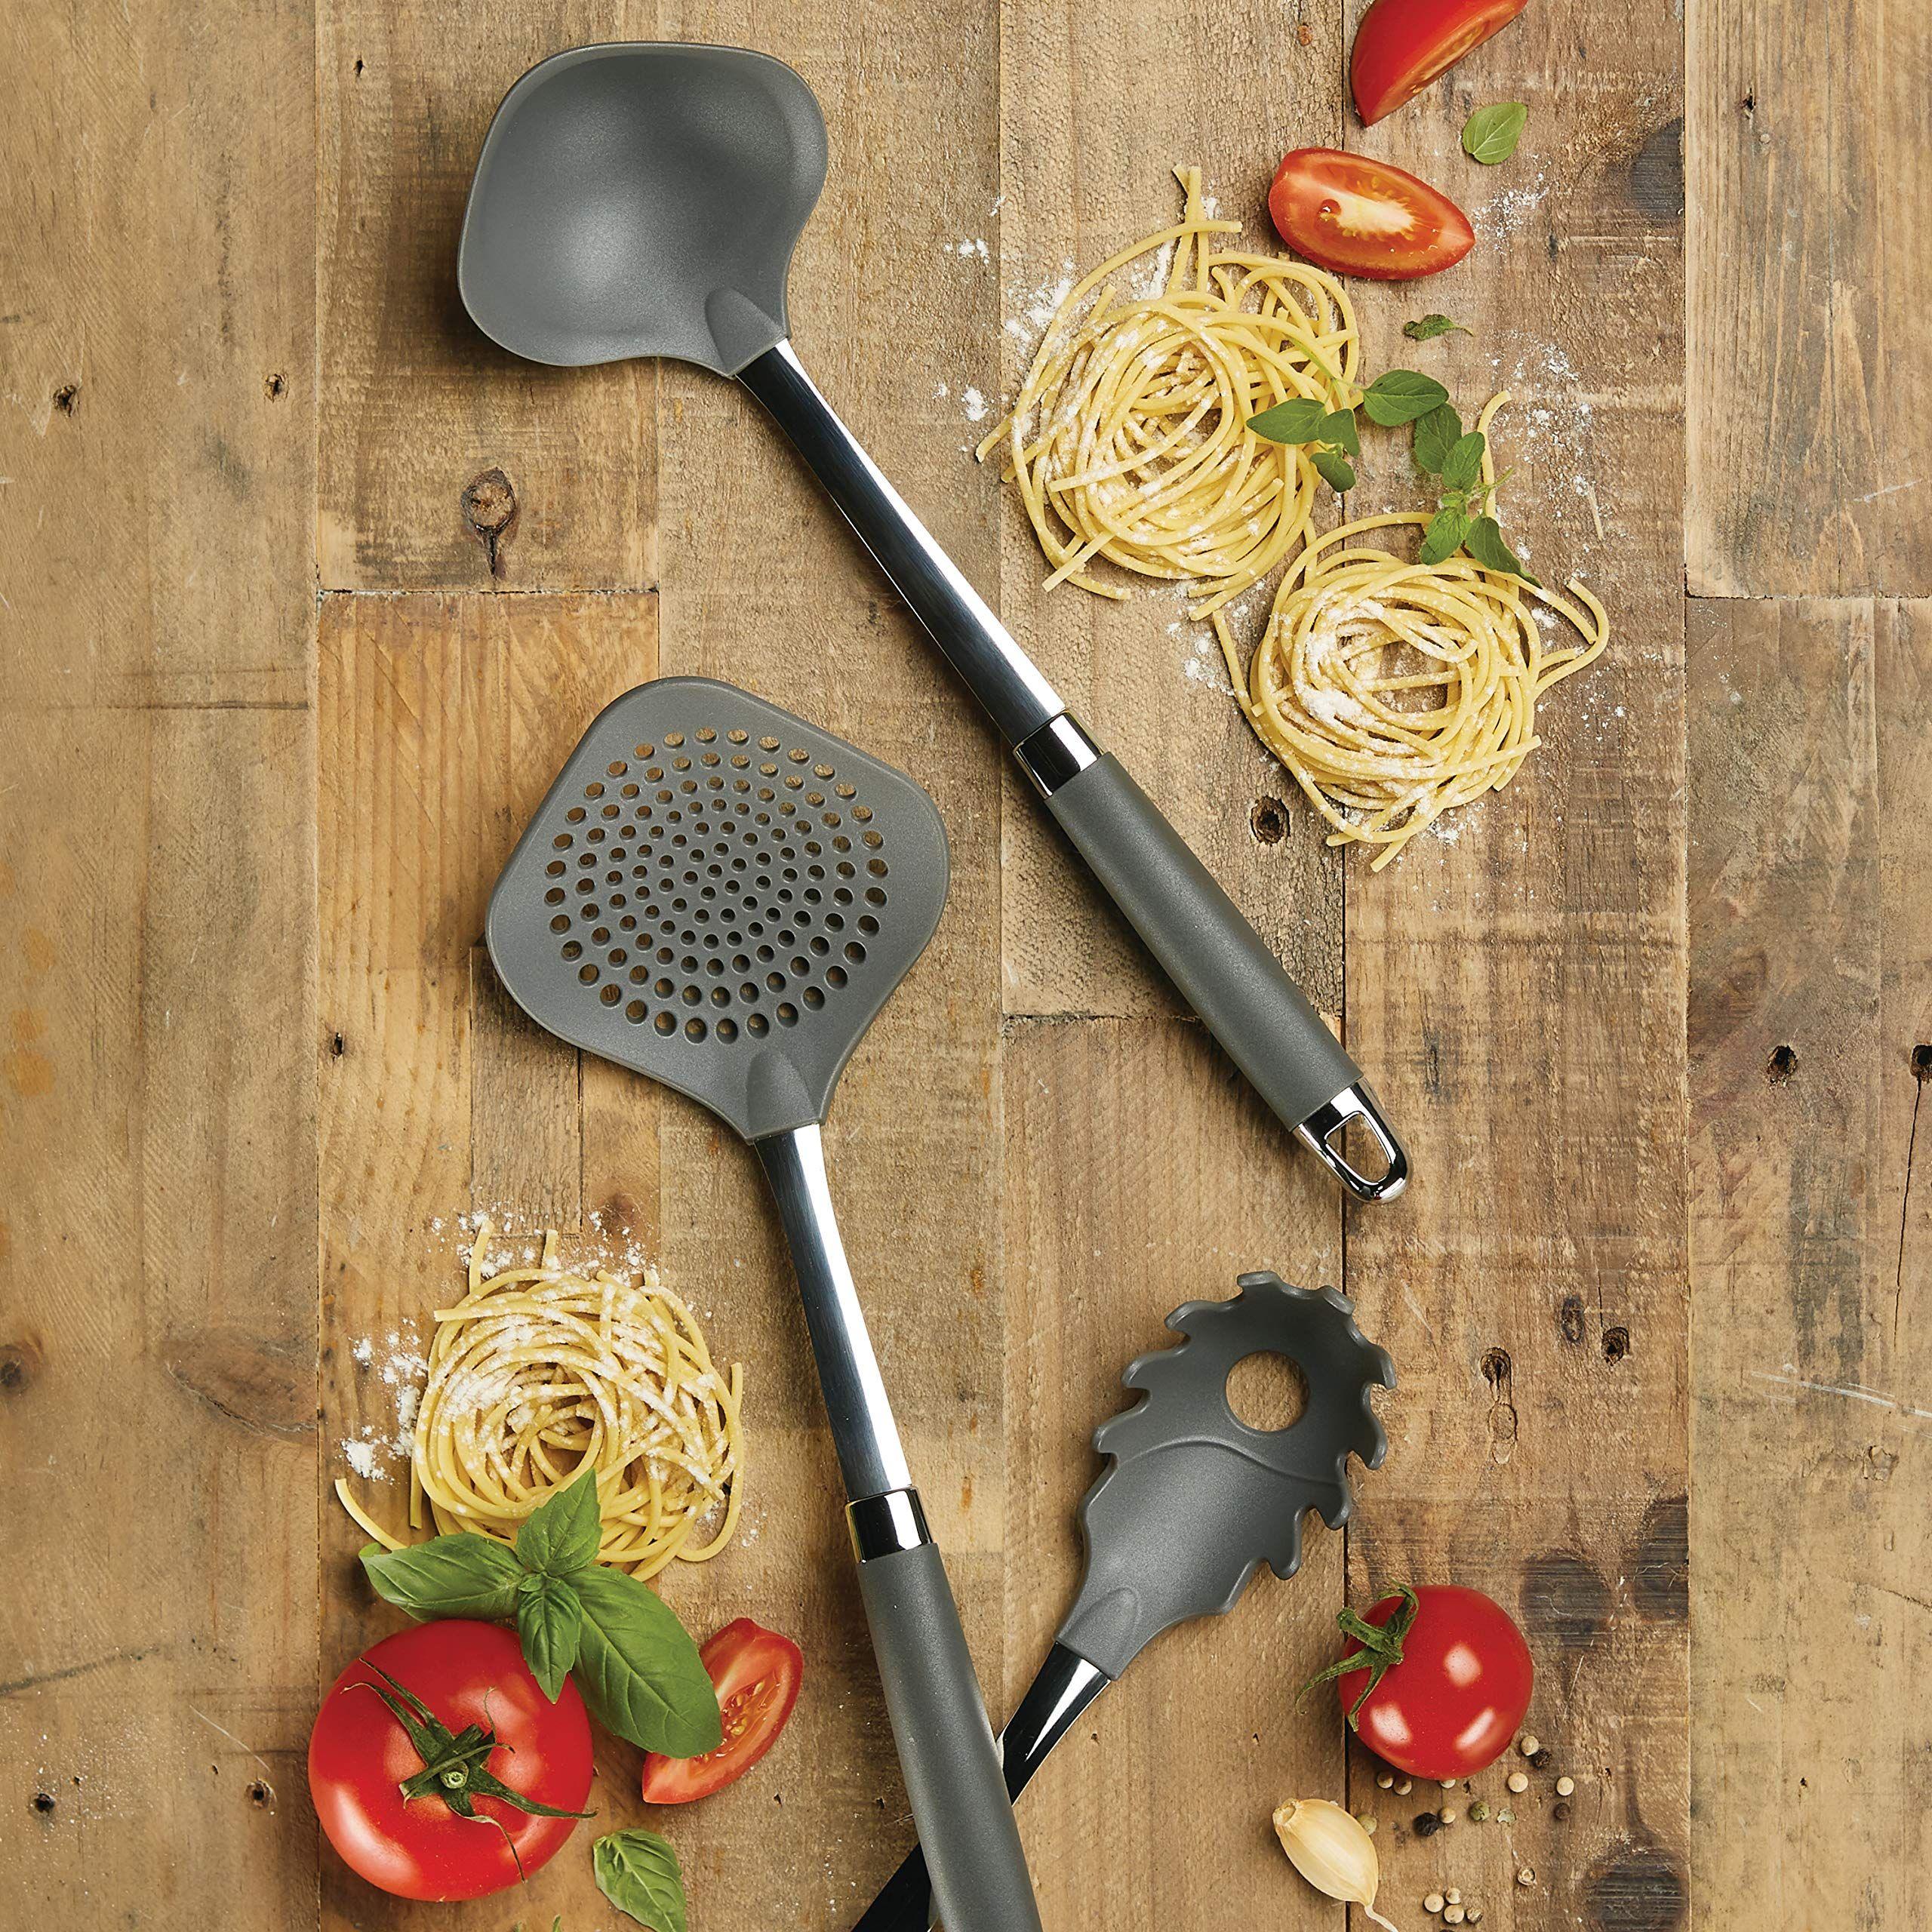 Pin On Kitchen Utensils